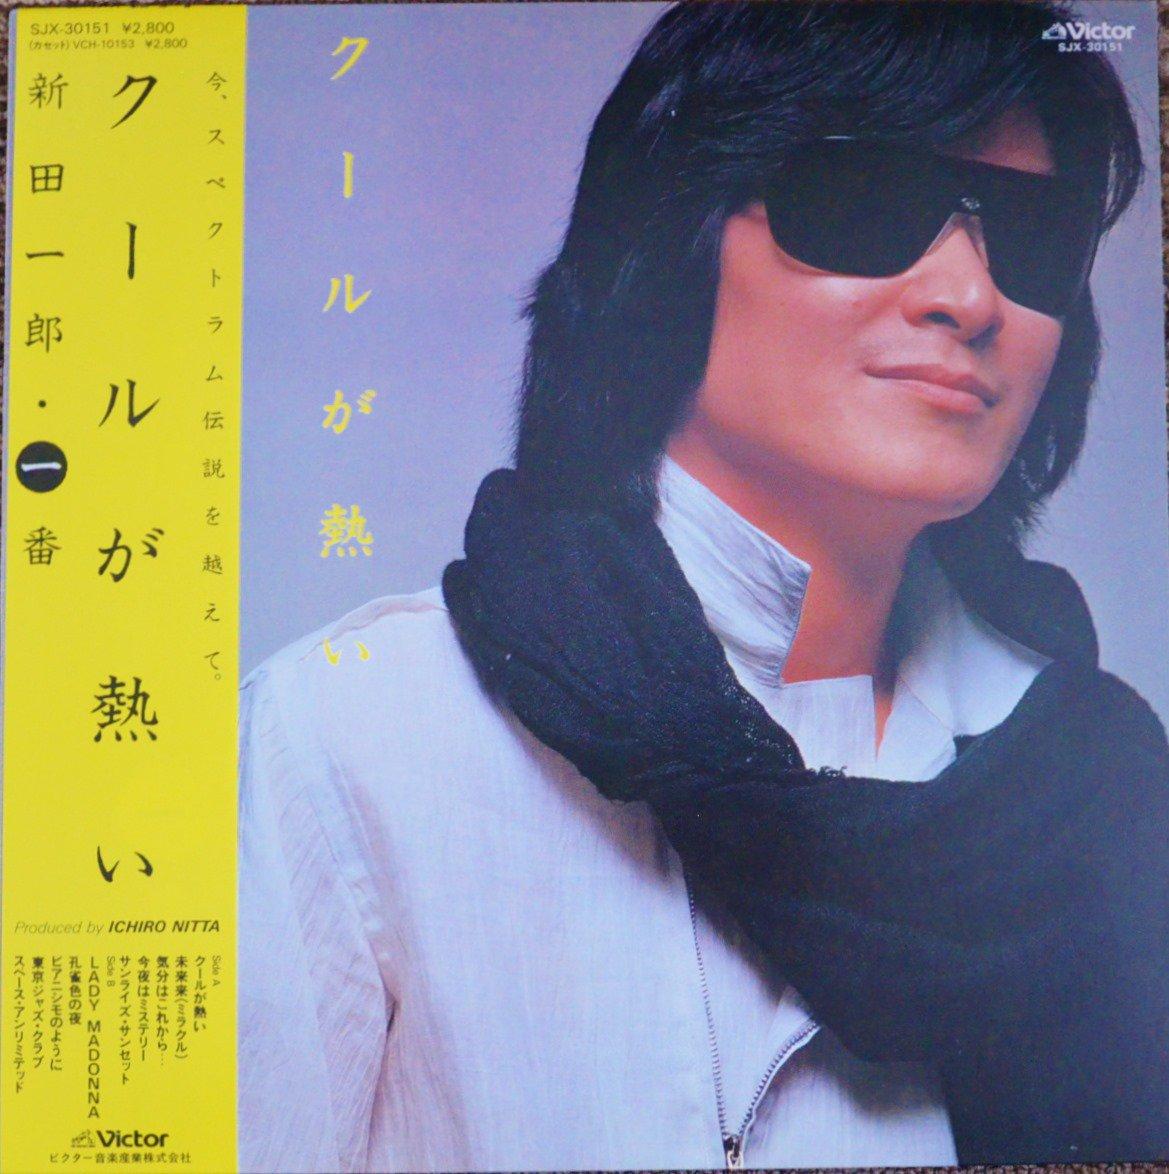 新田一郎 ICHIRO NITTA (新田一郎・一番) / クールが熱い (LP)